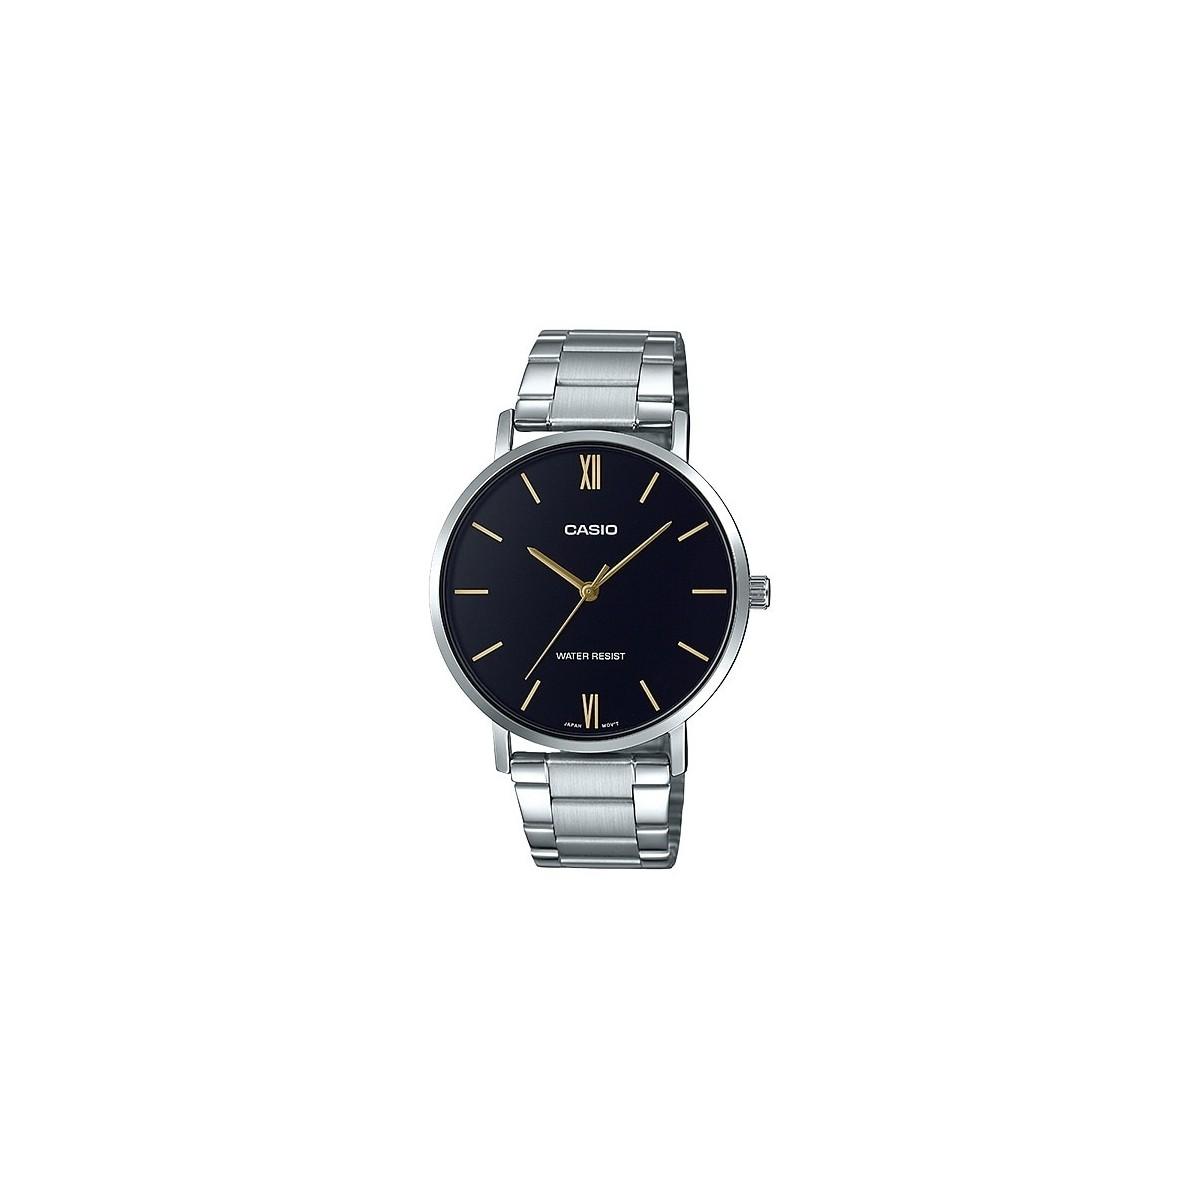 https://www.gaberjoyeria.com/5875-thickbox_default/reloj-casio-.jpg